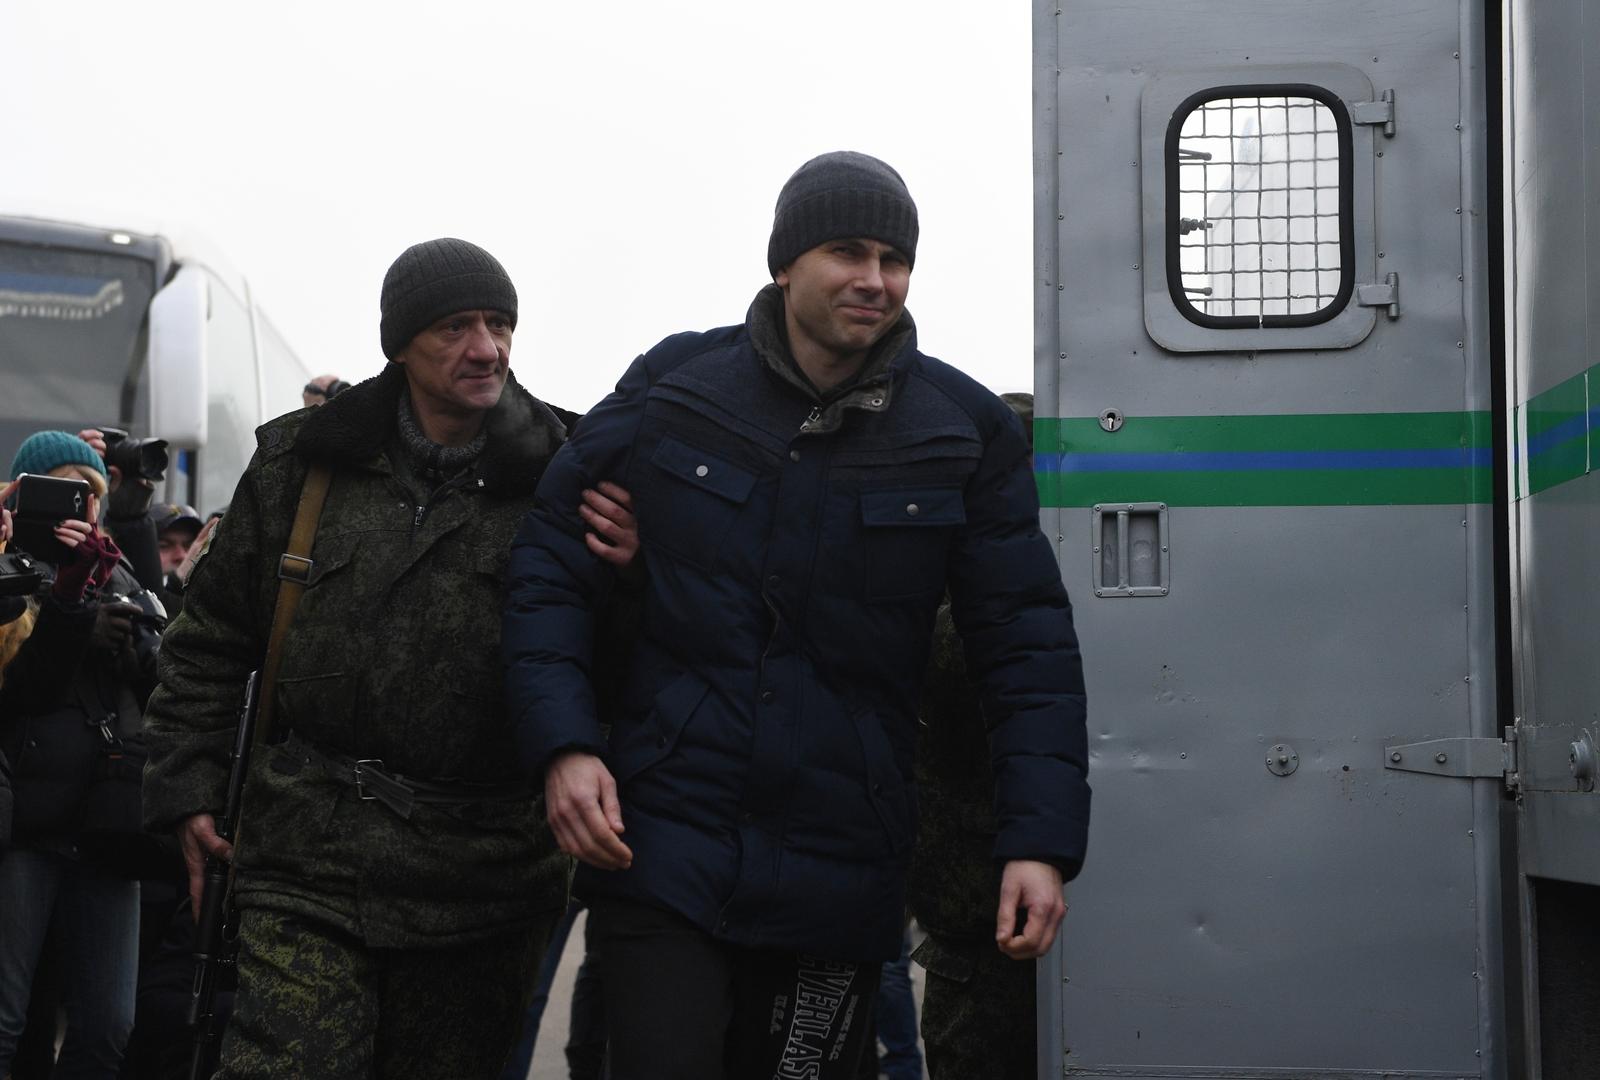 عنصر من قوات دونيتسك يرافق أسيرا من الجيش الأوكراني خلال تبادل الأسرى مع كييف